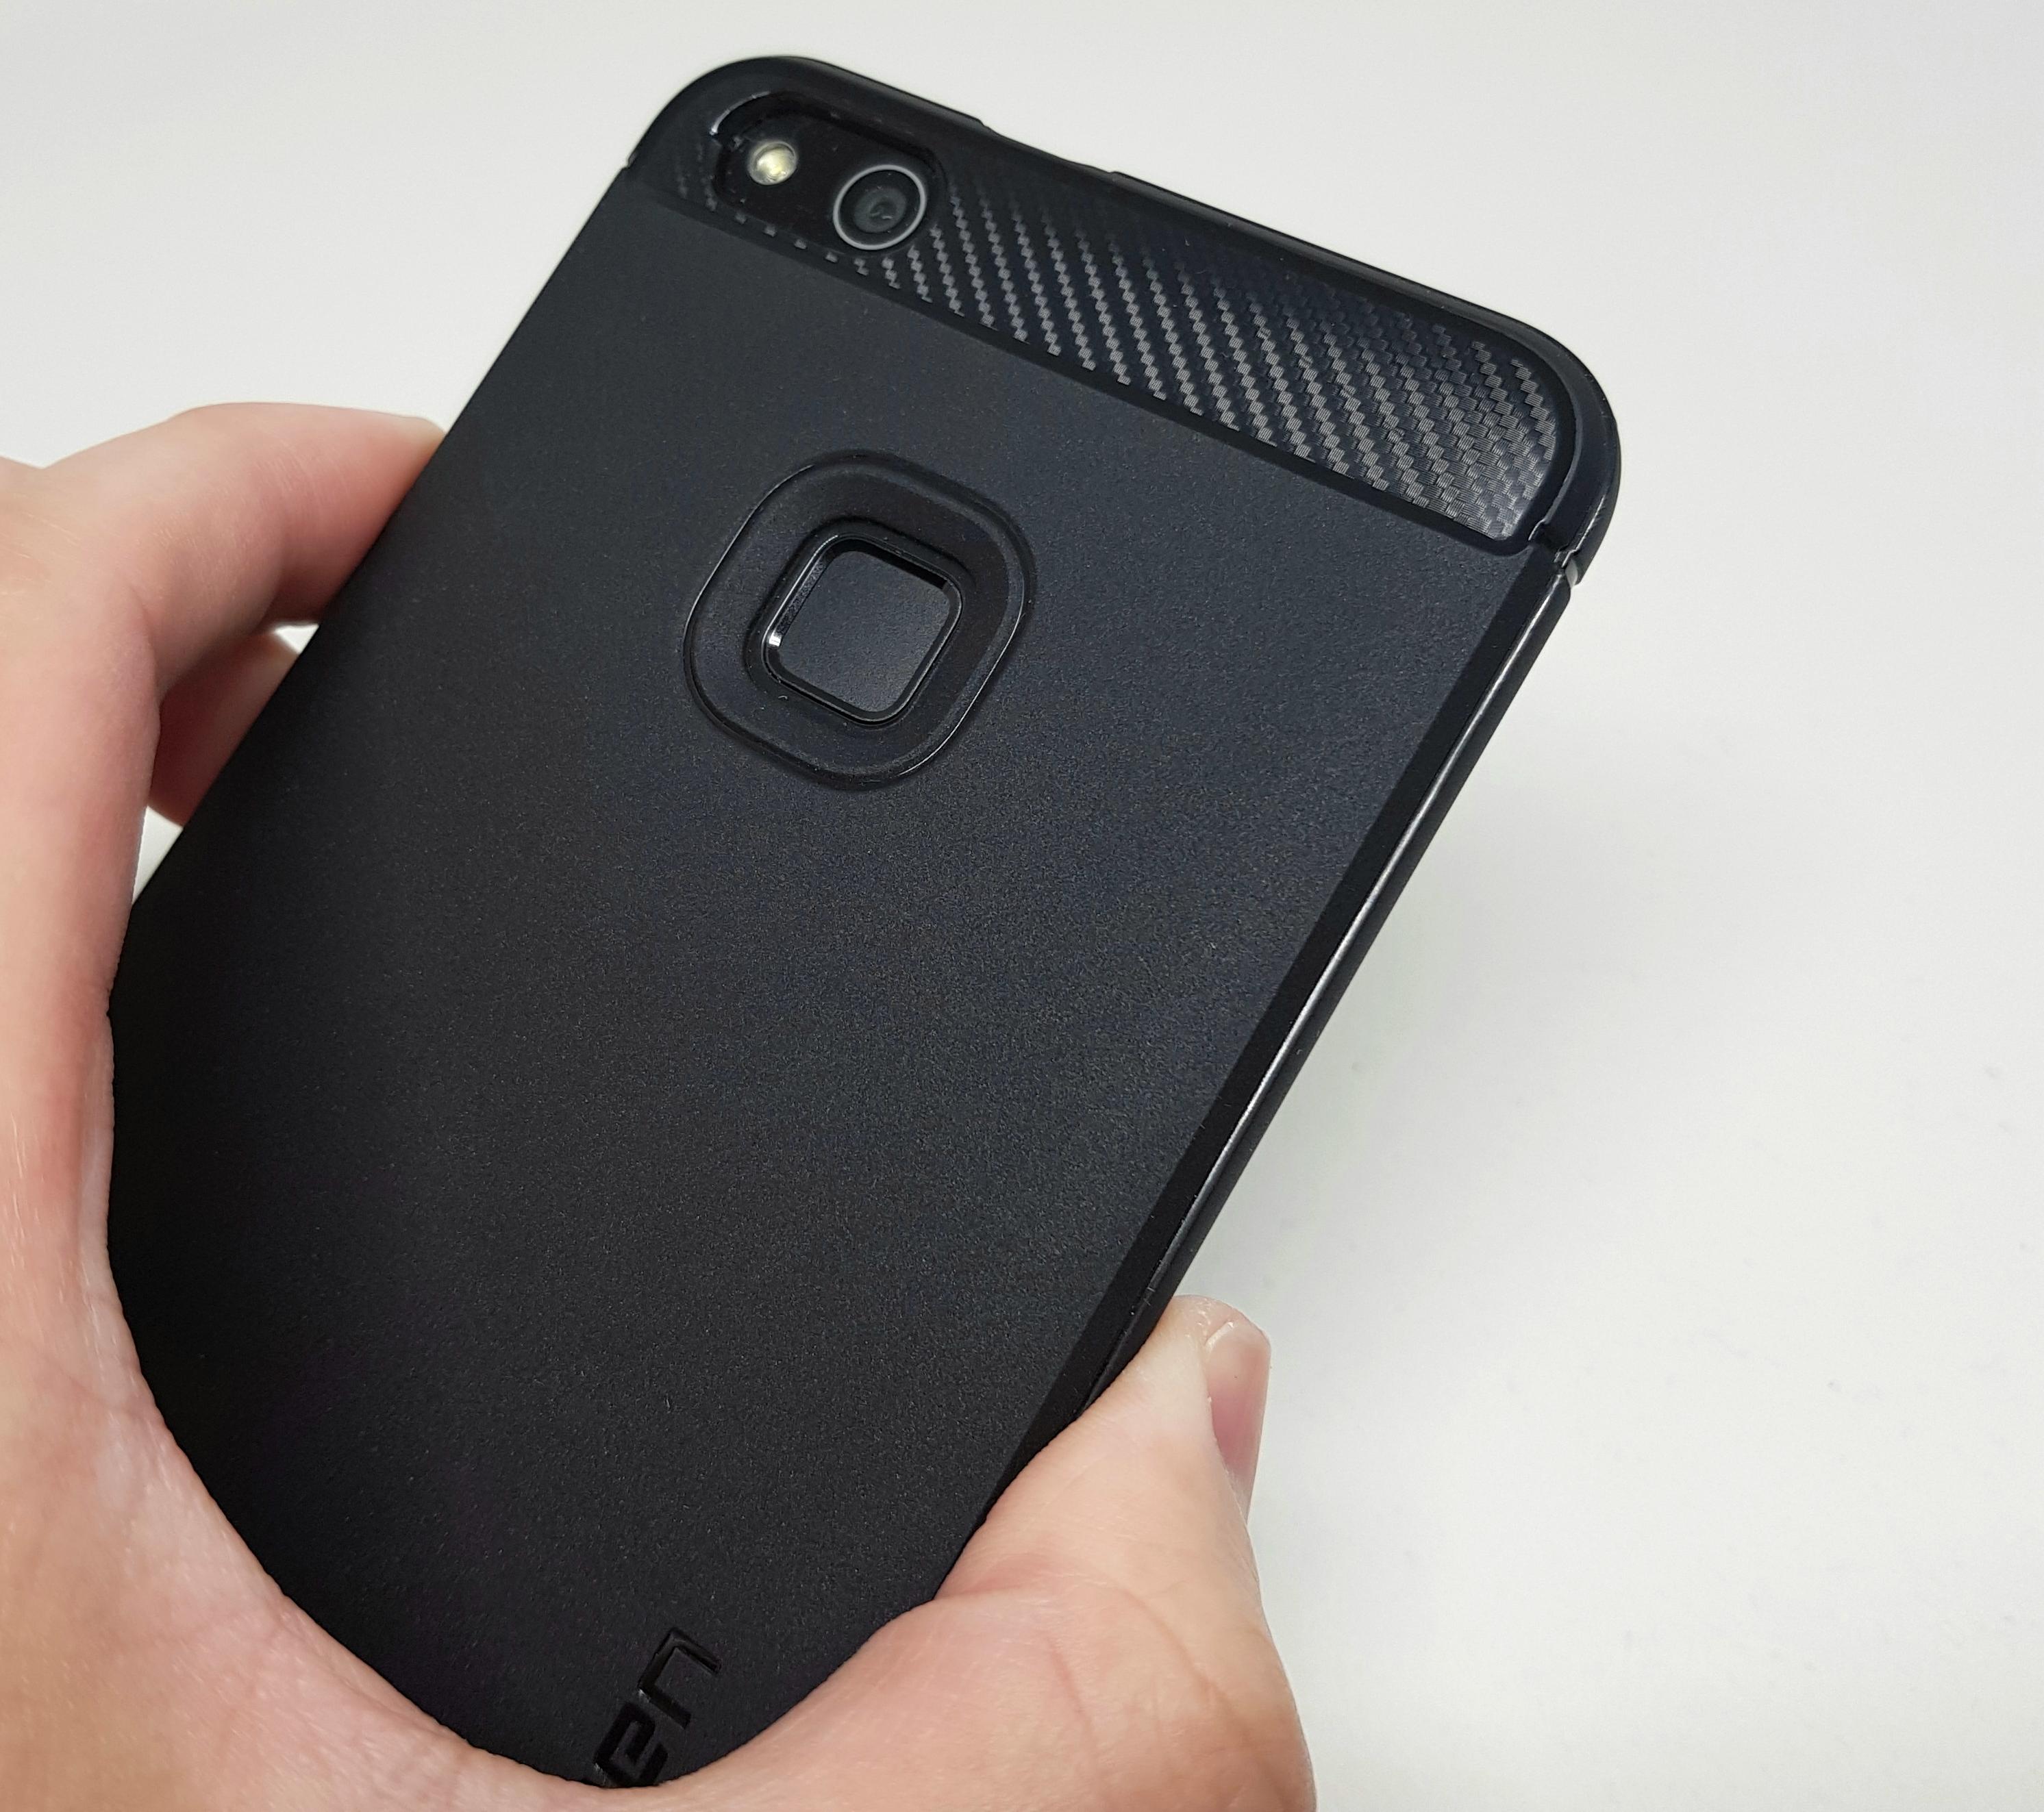 Huawei P10 liteにオススメしたい「Spigen ラギッド・アーマー」ケース!